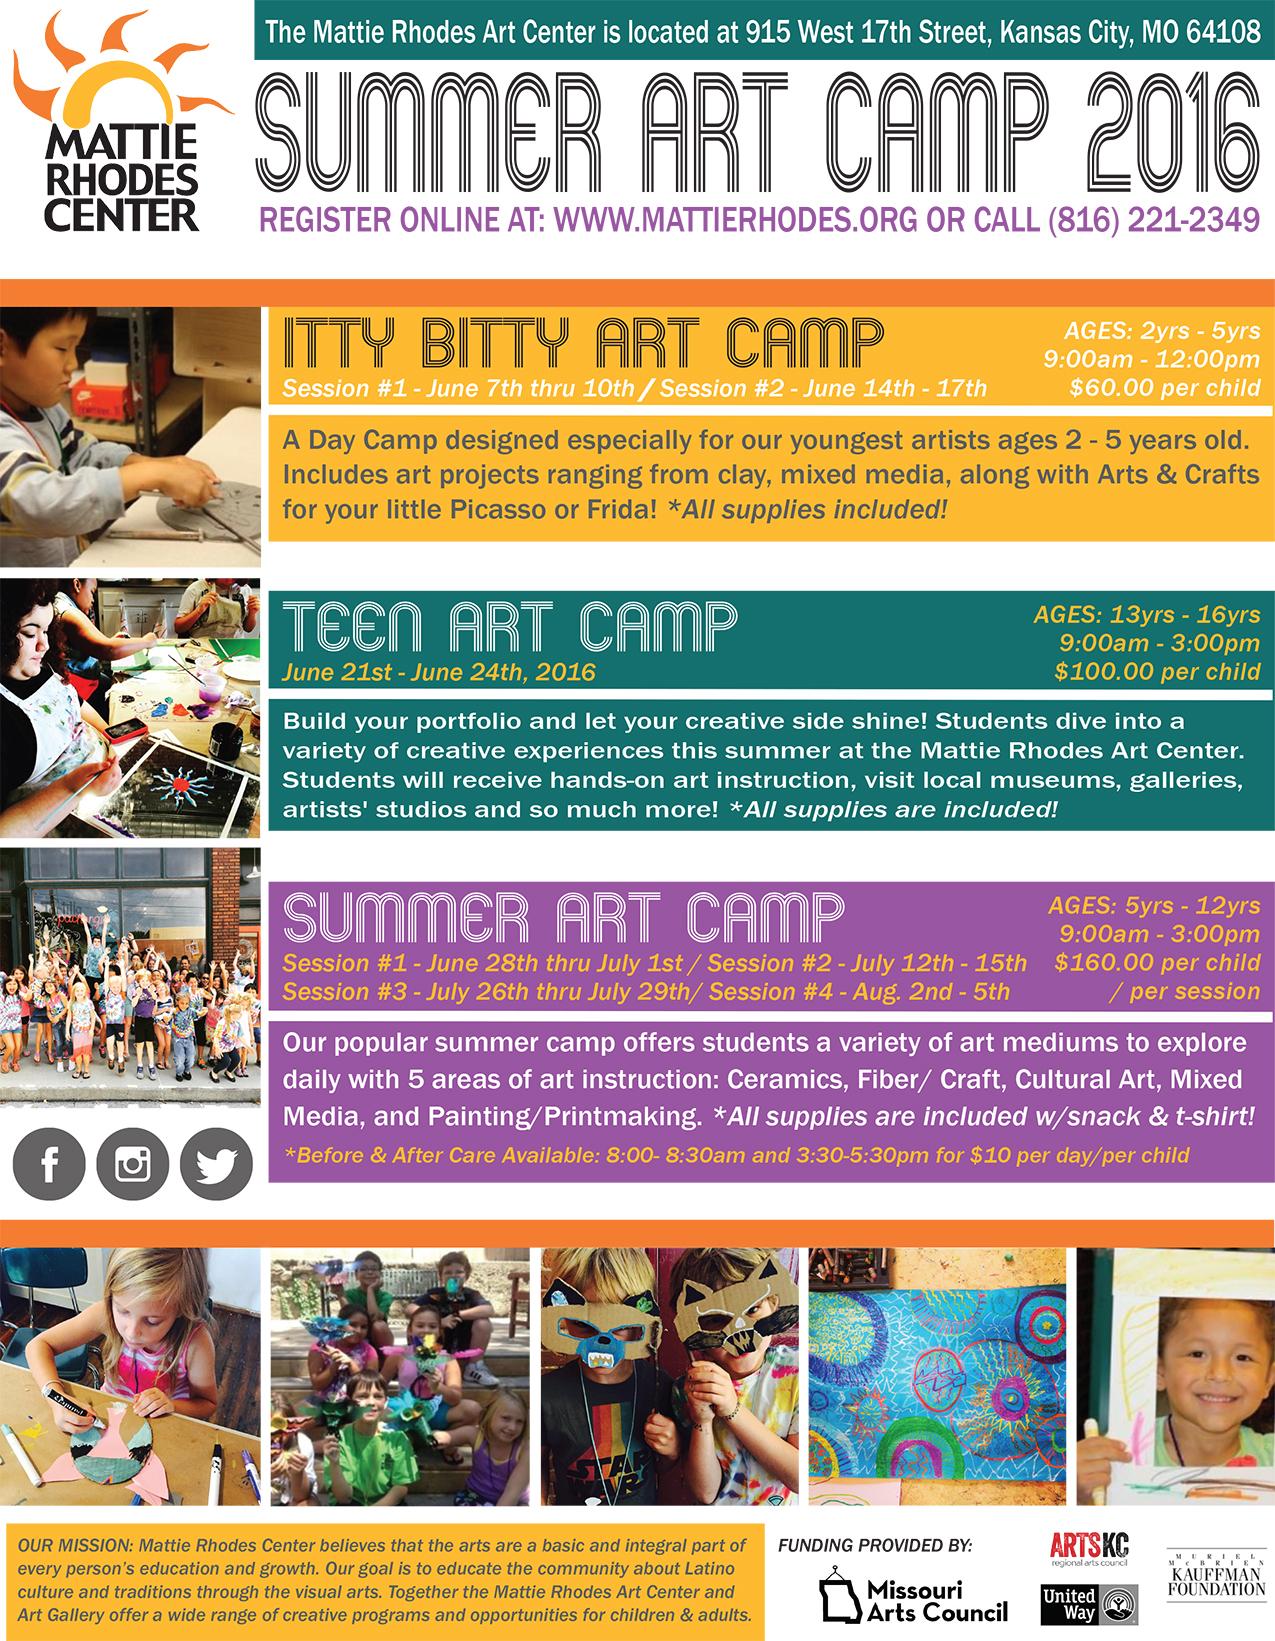 Summer Art Camp Flyer 2016-REVISED 04052016